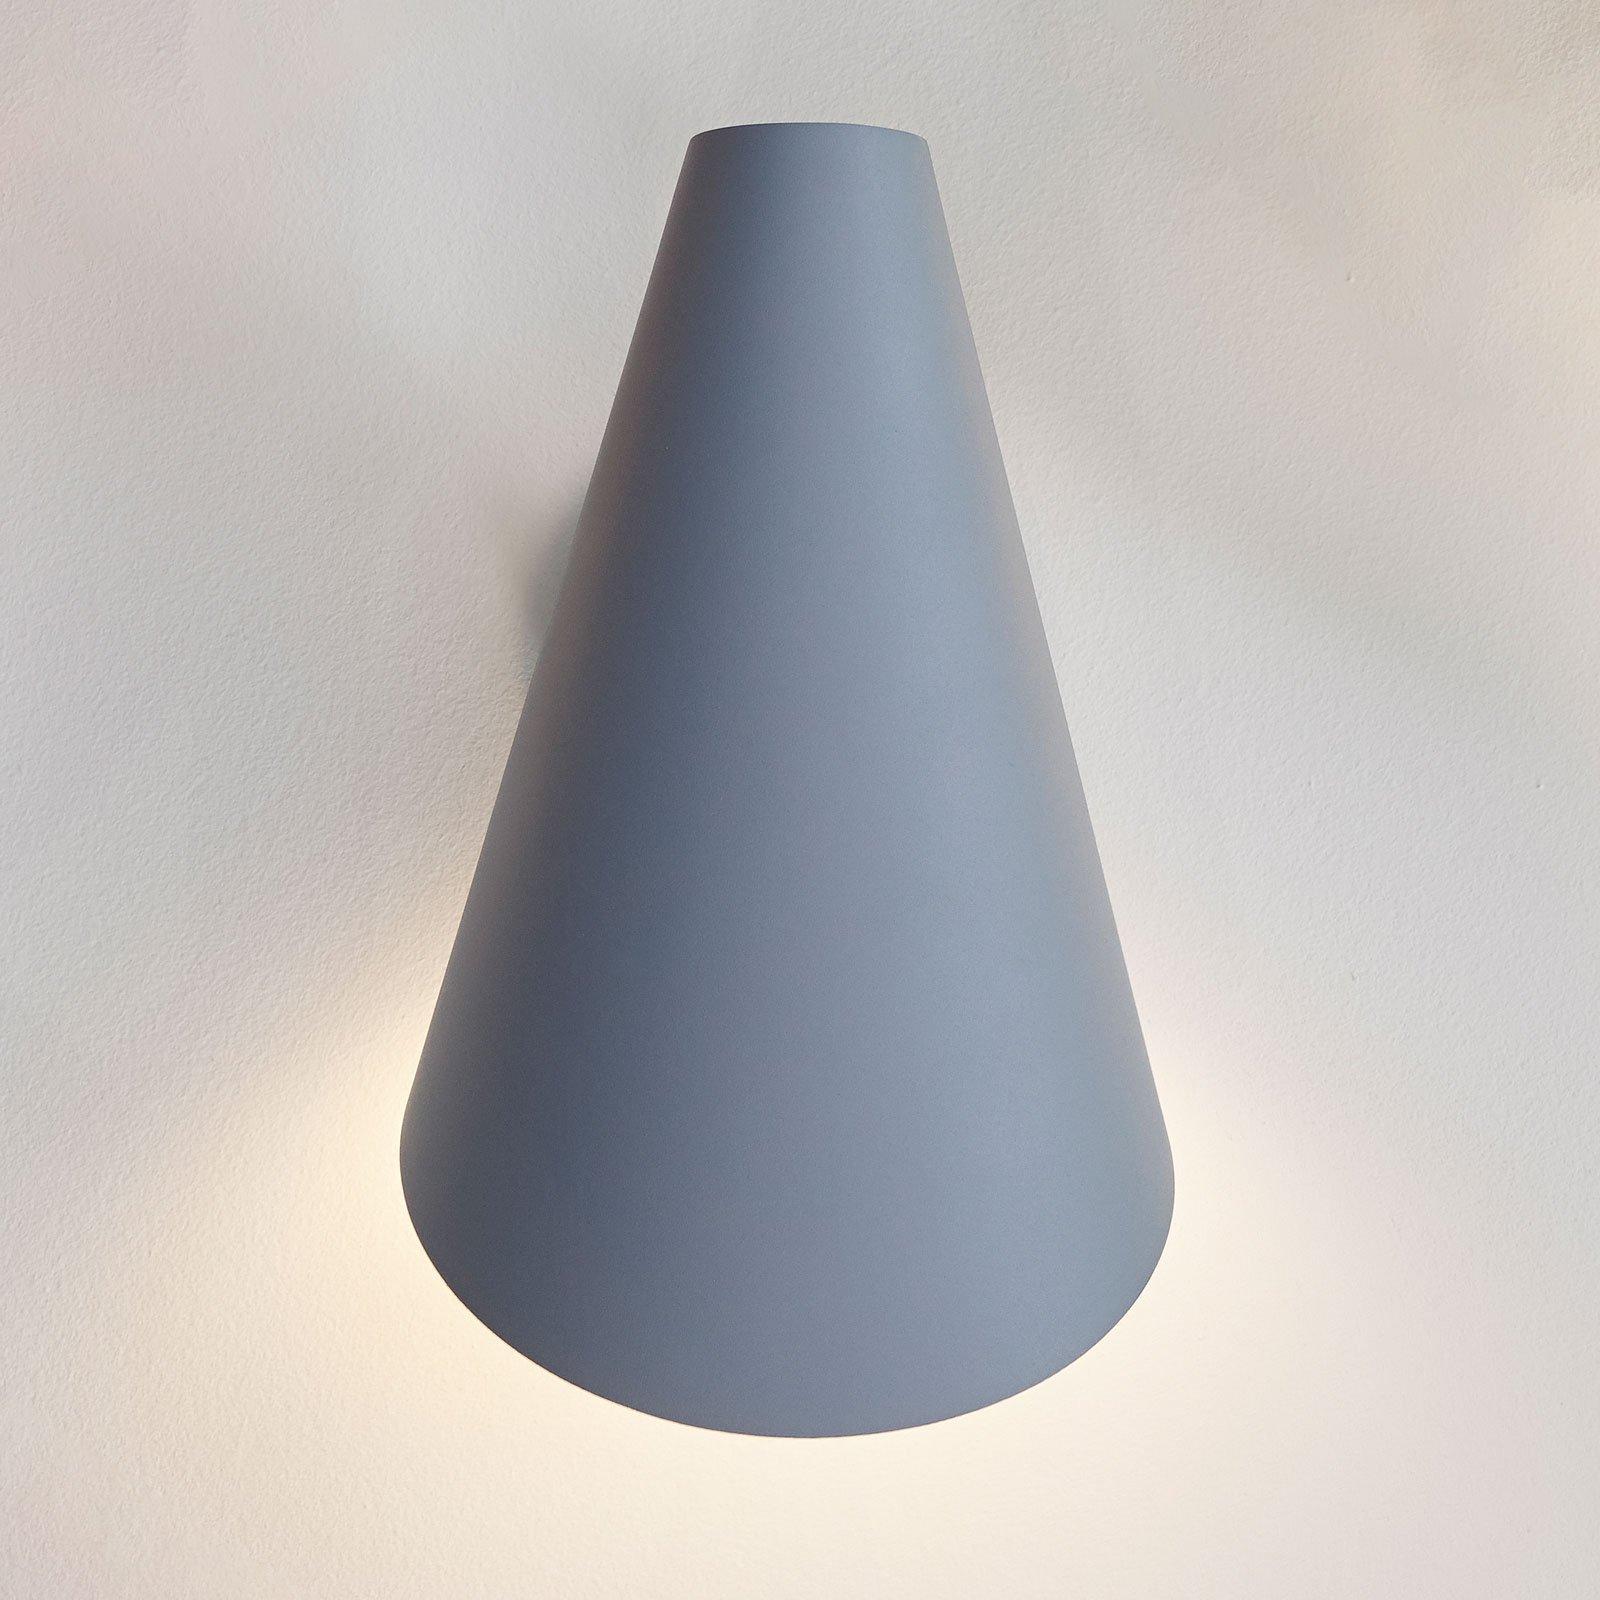 Vibia I.Cono 0720 vegglampe, 28 cm, blå